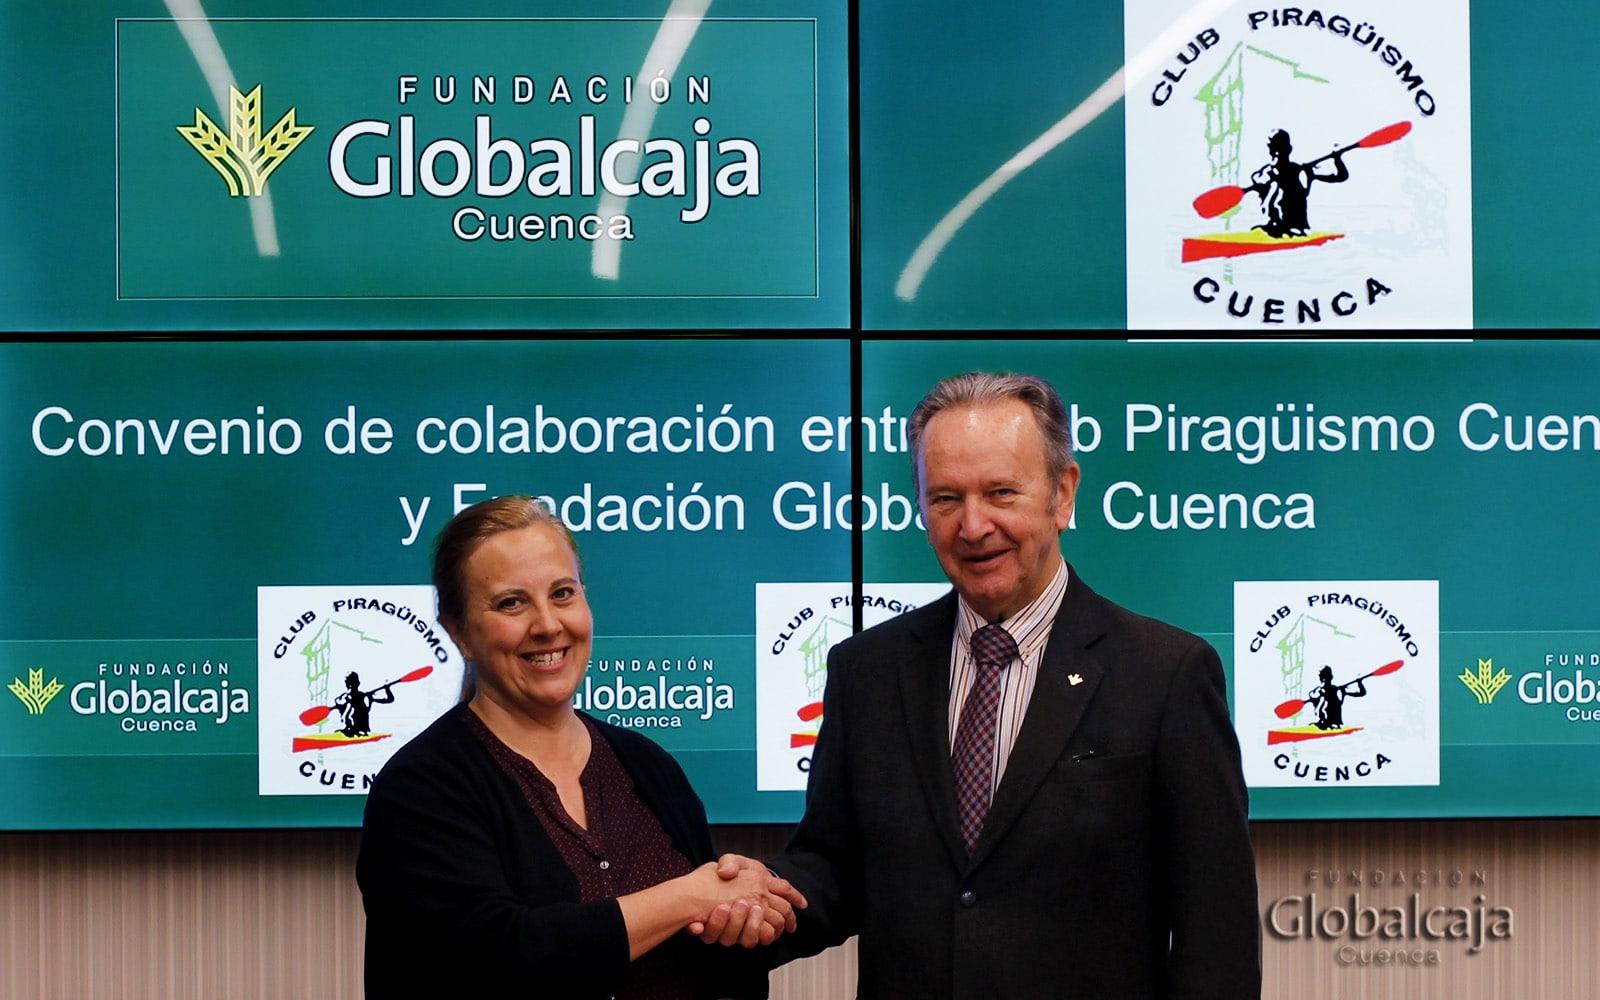 https://blog.globalcaja.es/wp-content/uploads/2017/05/W.jpg